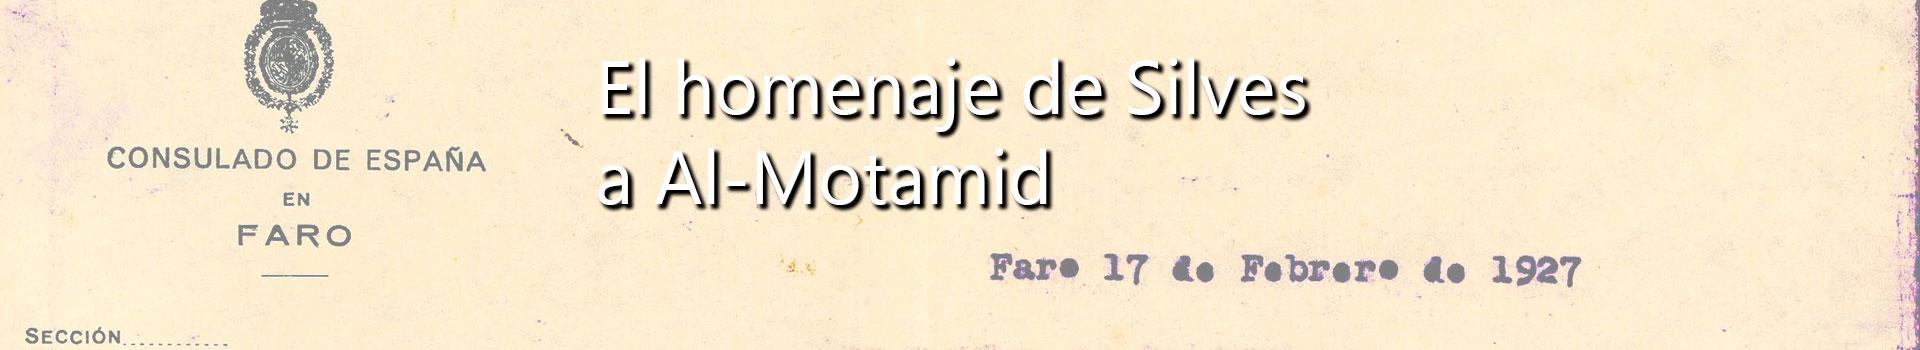 El homenaje de Silves a Al-Motamid